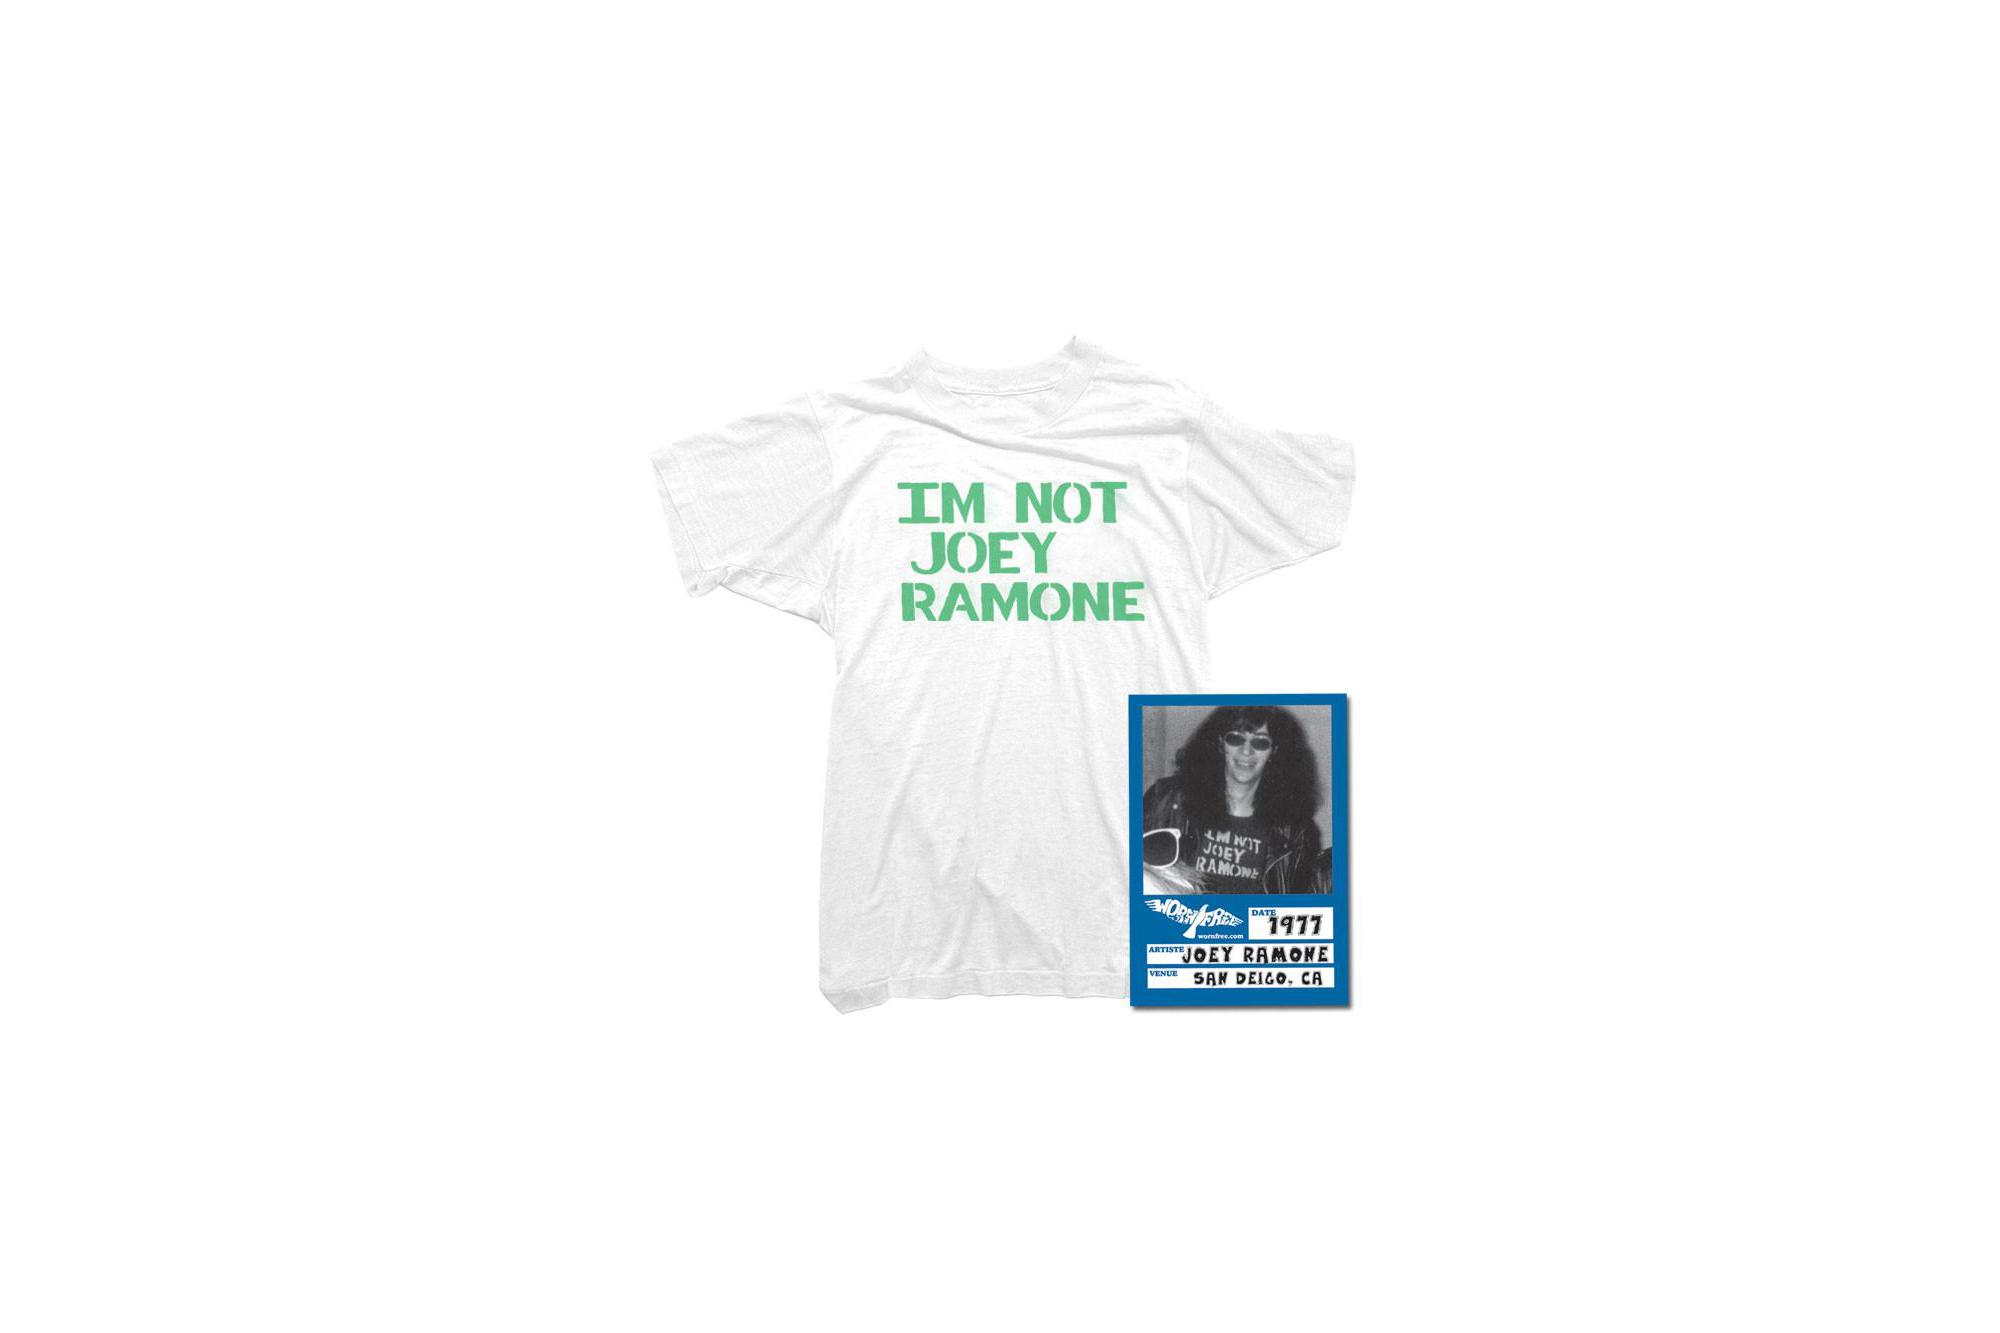 WORN FREE(ウォーンフリー) IM NOT JOEY RAMONE RAMONES(ジョーイ・ラモーン ラモーンズ) 1977 SAN DEIGO.CA プリントTシャツ バンドTシャツ ロックTシャツ WHITE(ホワイト) 2018春夏 wornfree ウォーンフリー 愛知 名古屋 ZODIAC ゾディアック ramonesラモーンズ ラモンズ bandtee rocktee